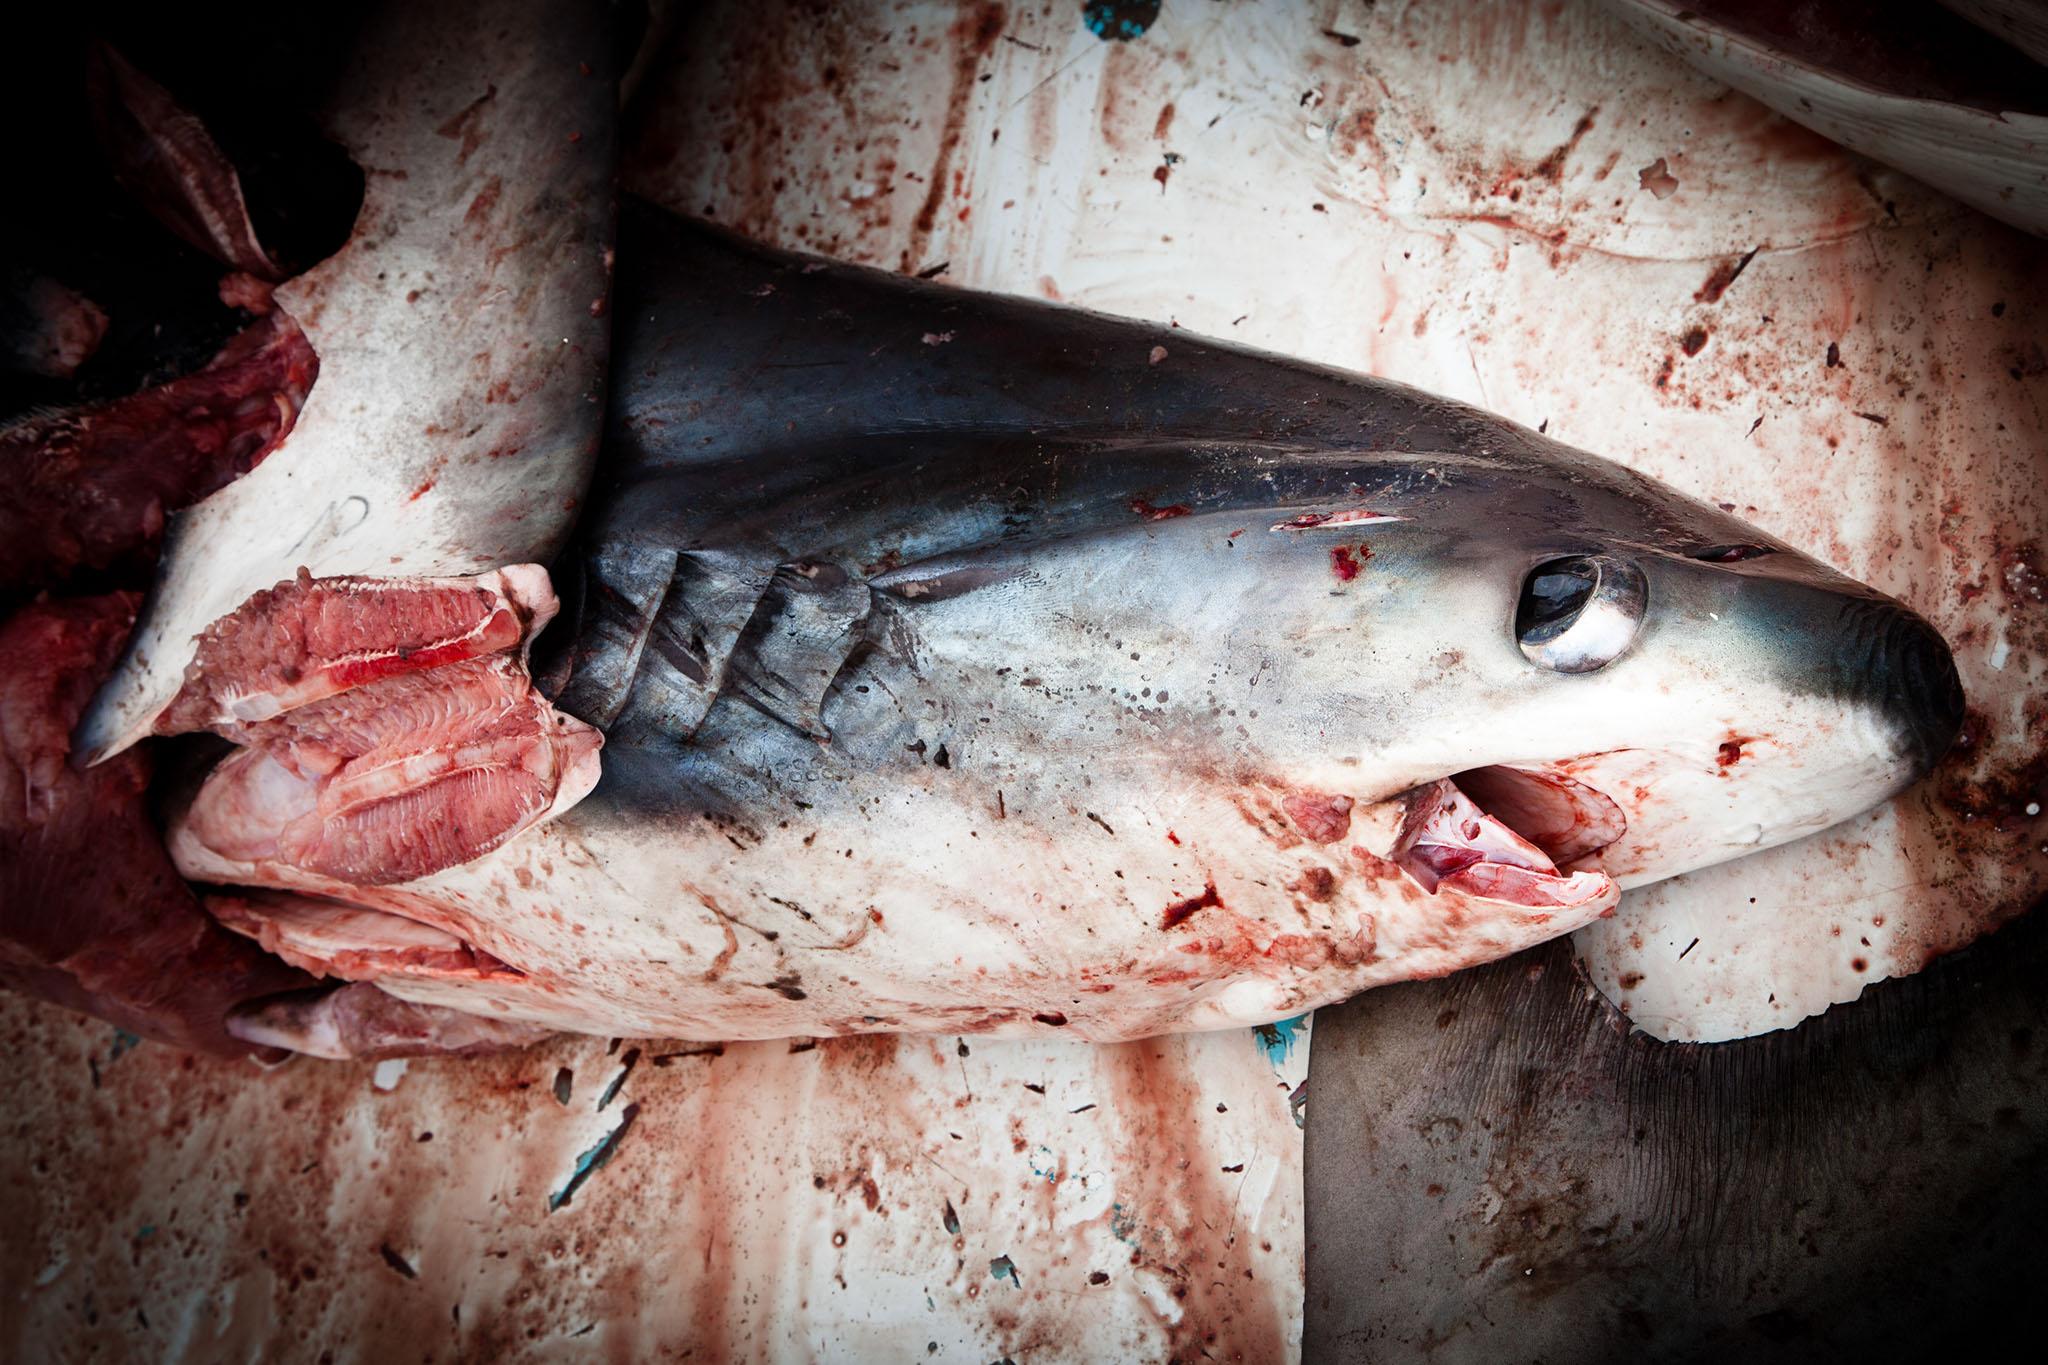 HumanAnimal__Shark_Finning_20.jpg